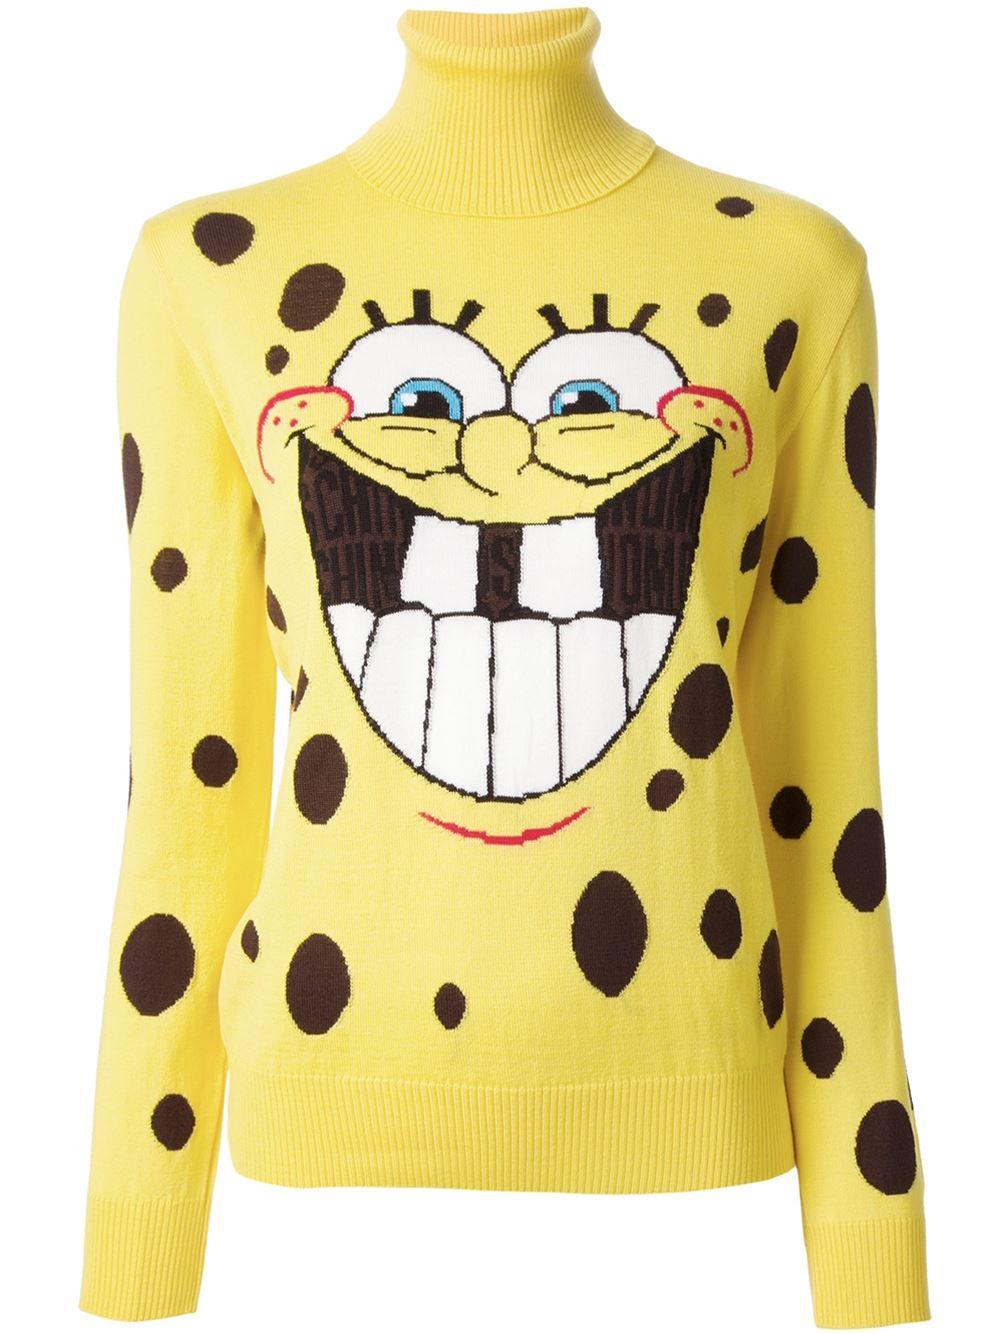 Lyst - Moschino Spongebob Squarepants Sweater in Yellow